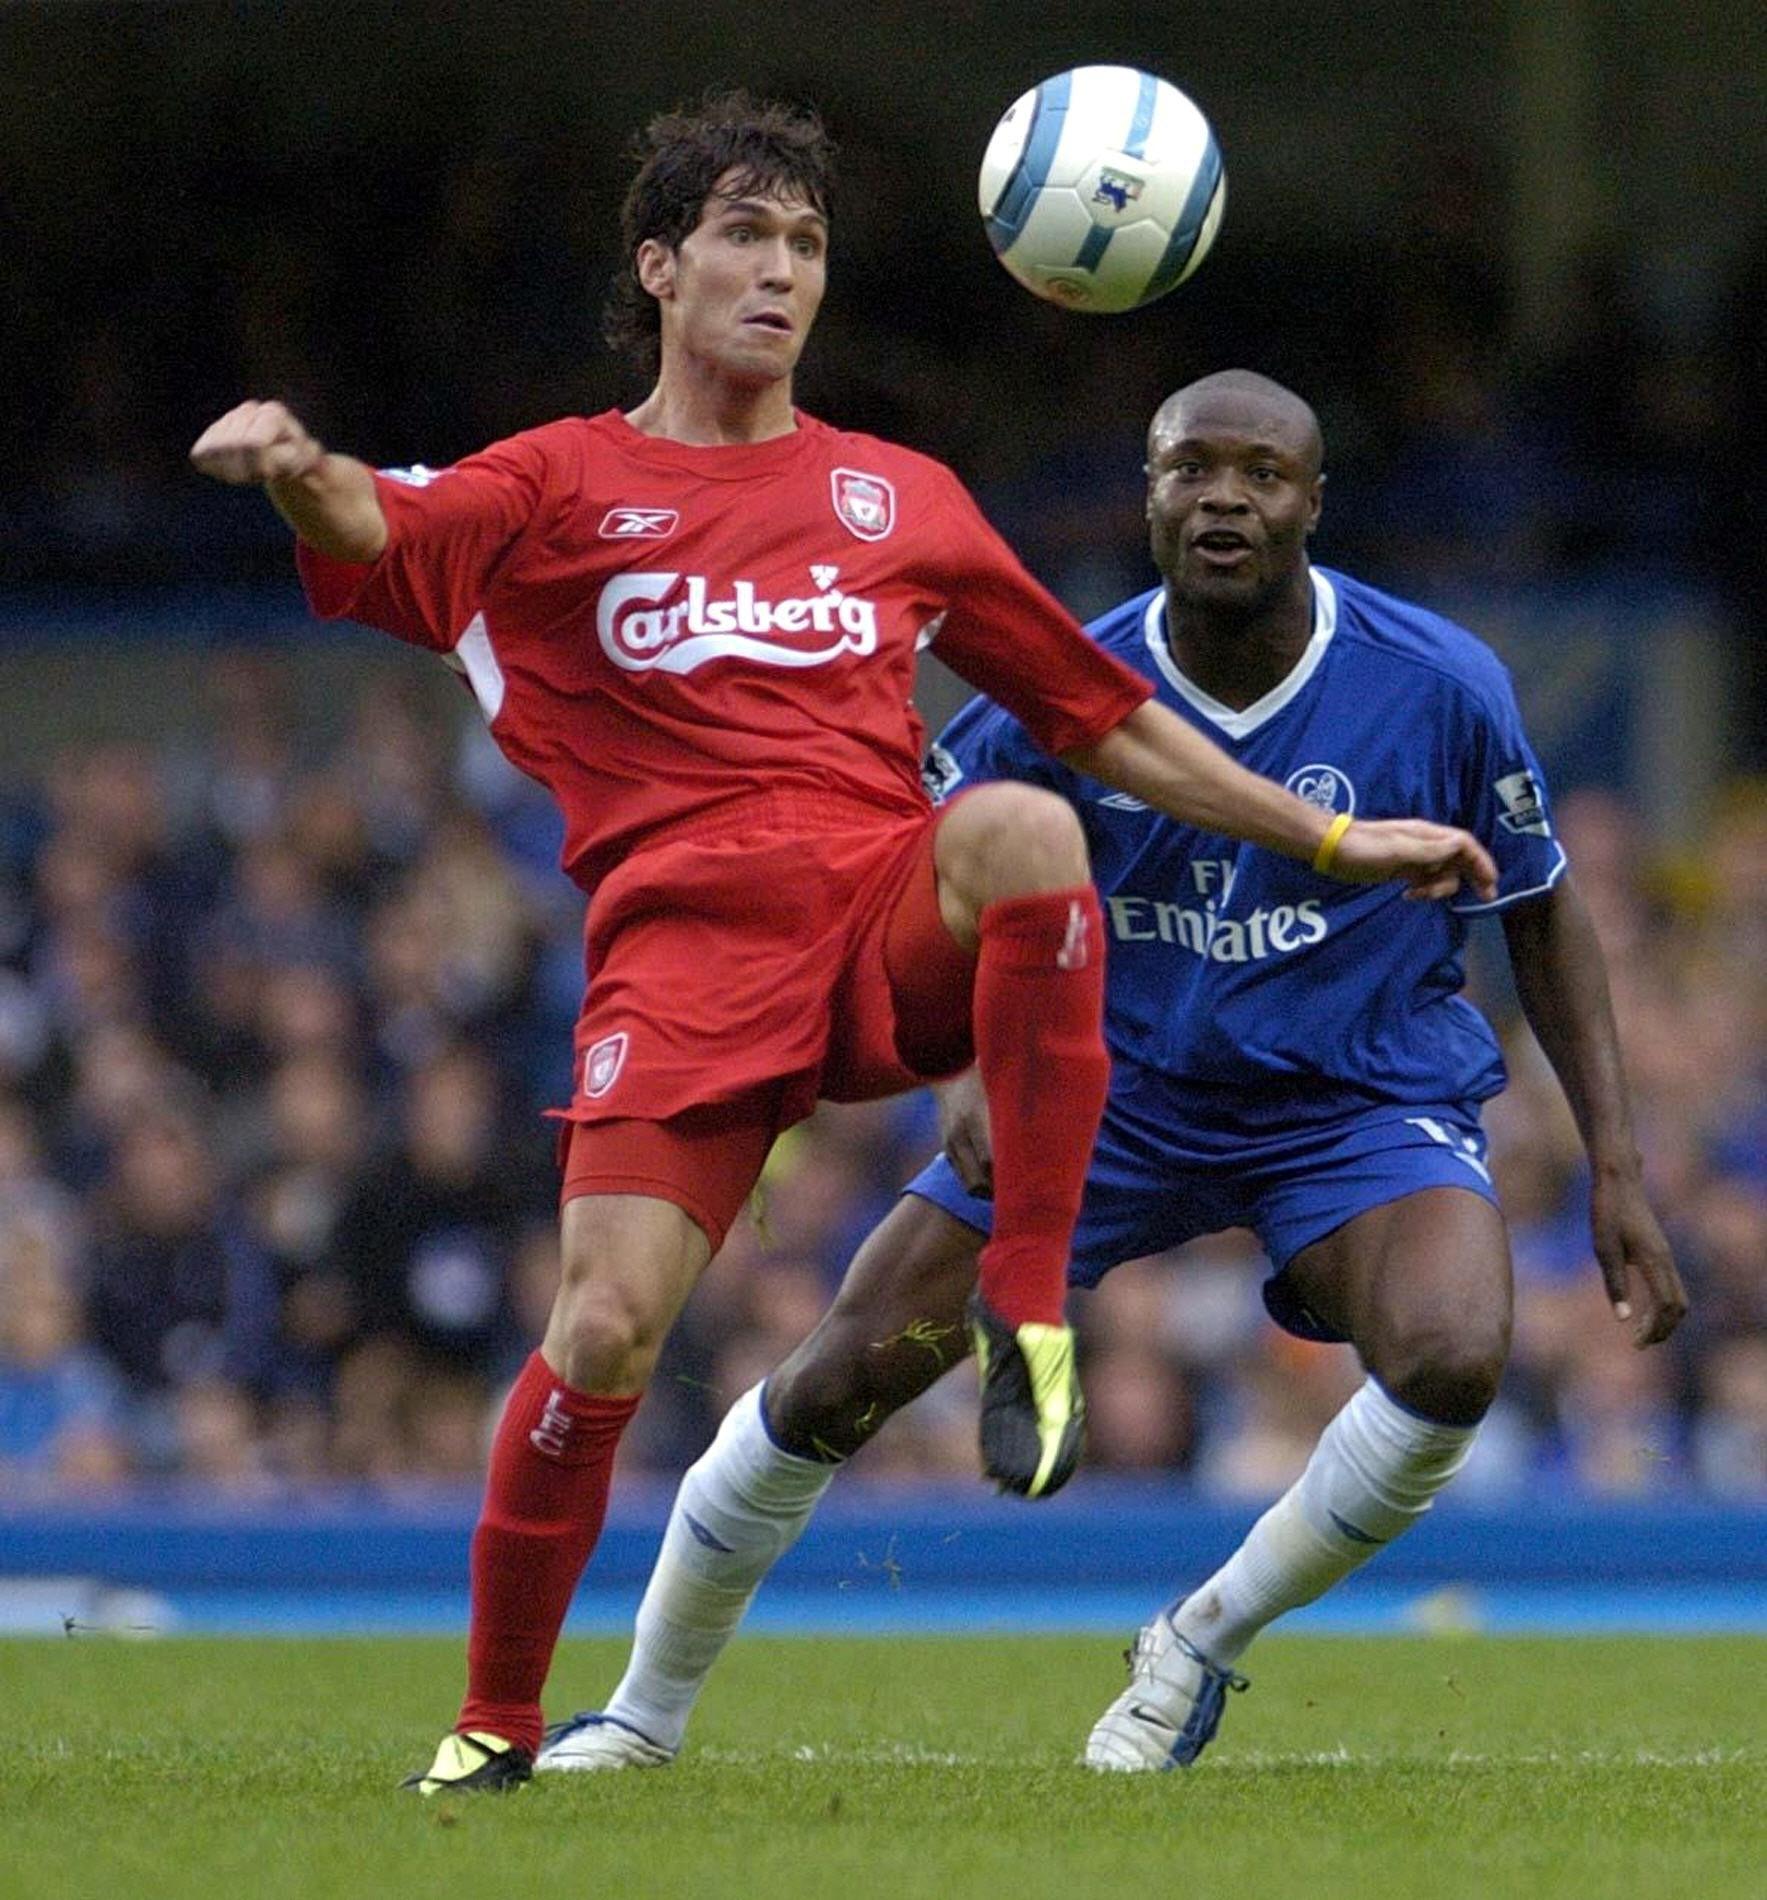 Luis García, peleando un balón con William Gallas en un Chelsea-Liverpool en octubre de 2004 (Archivo 20minutos).